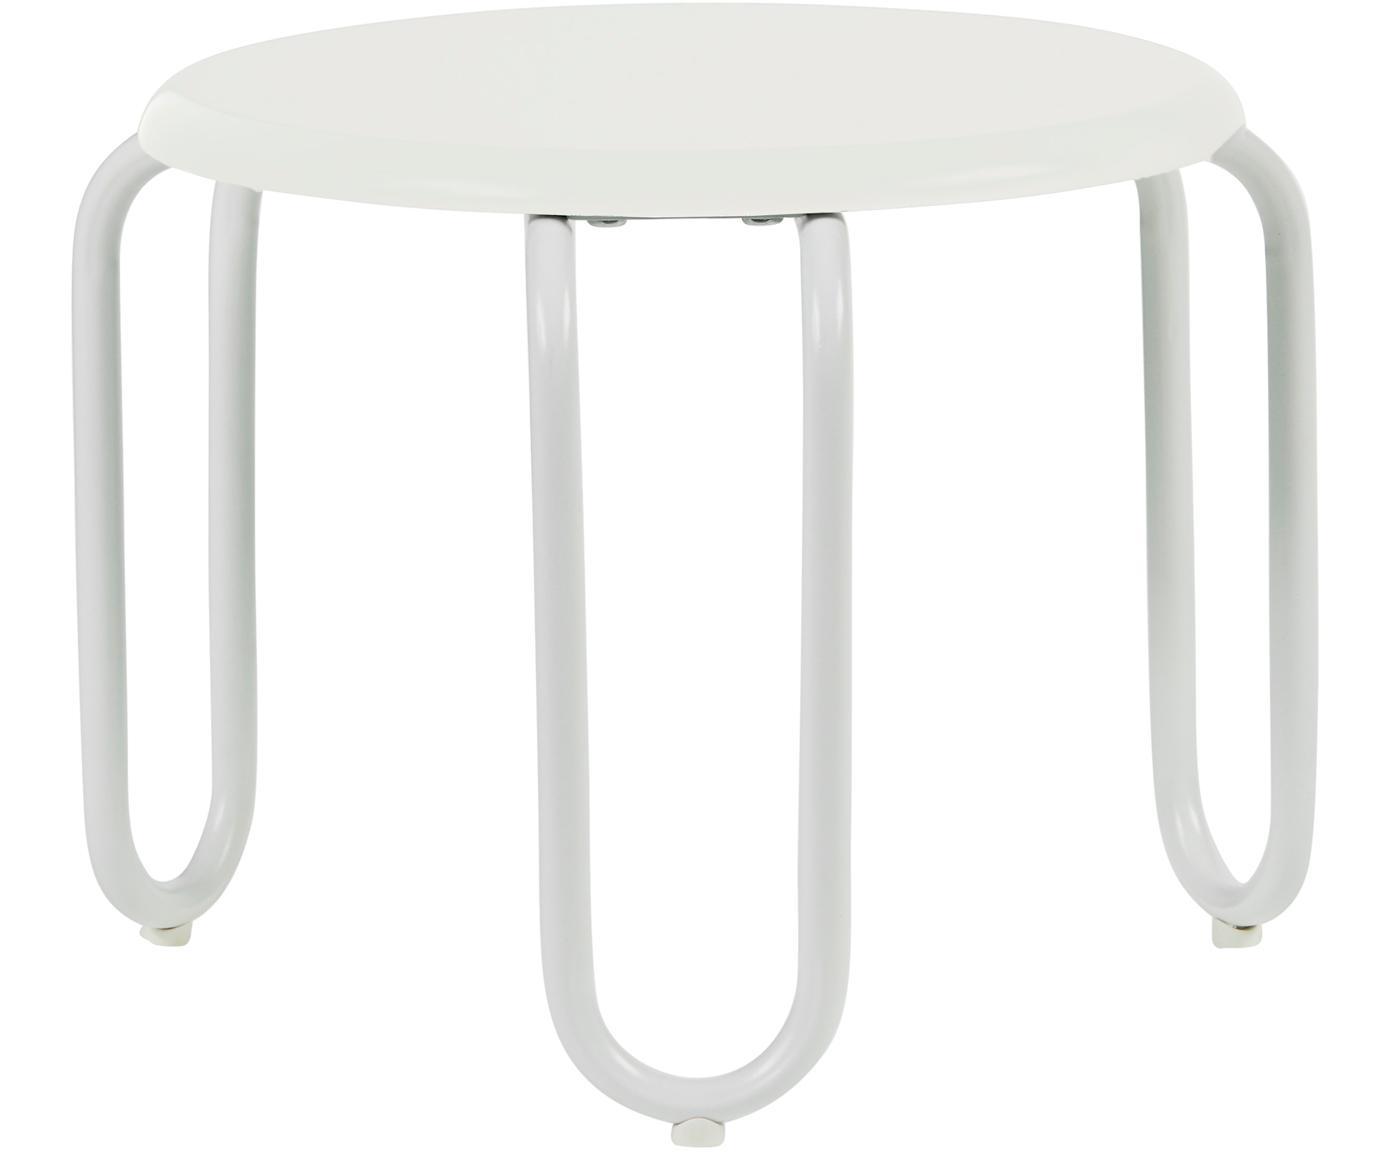 Hocker Linus, Sitzfläche: Mitteldichte Holzfaserpla, Beine: Stahl, lackiert, Weiss, Ø 30 x H 25 cm